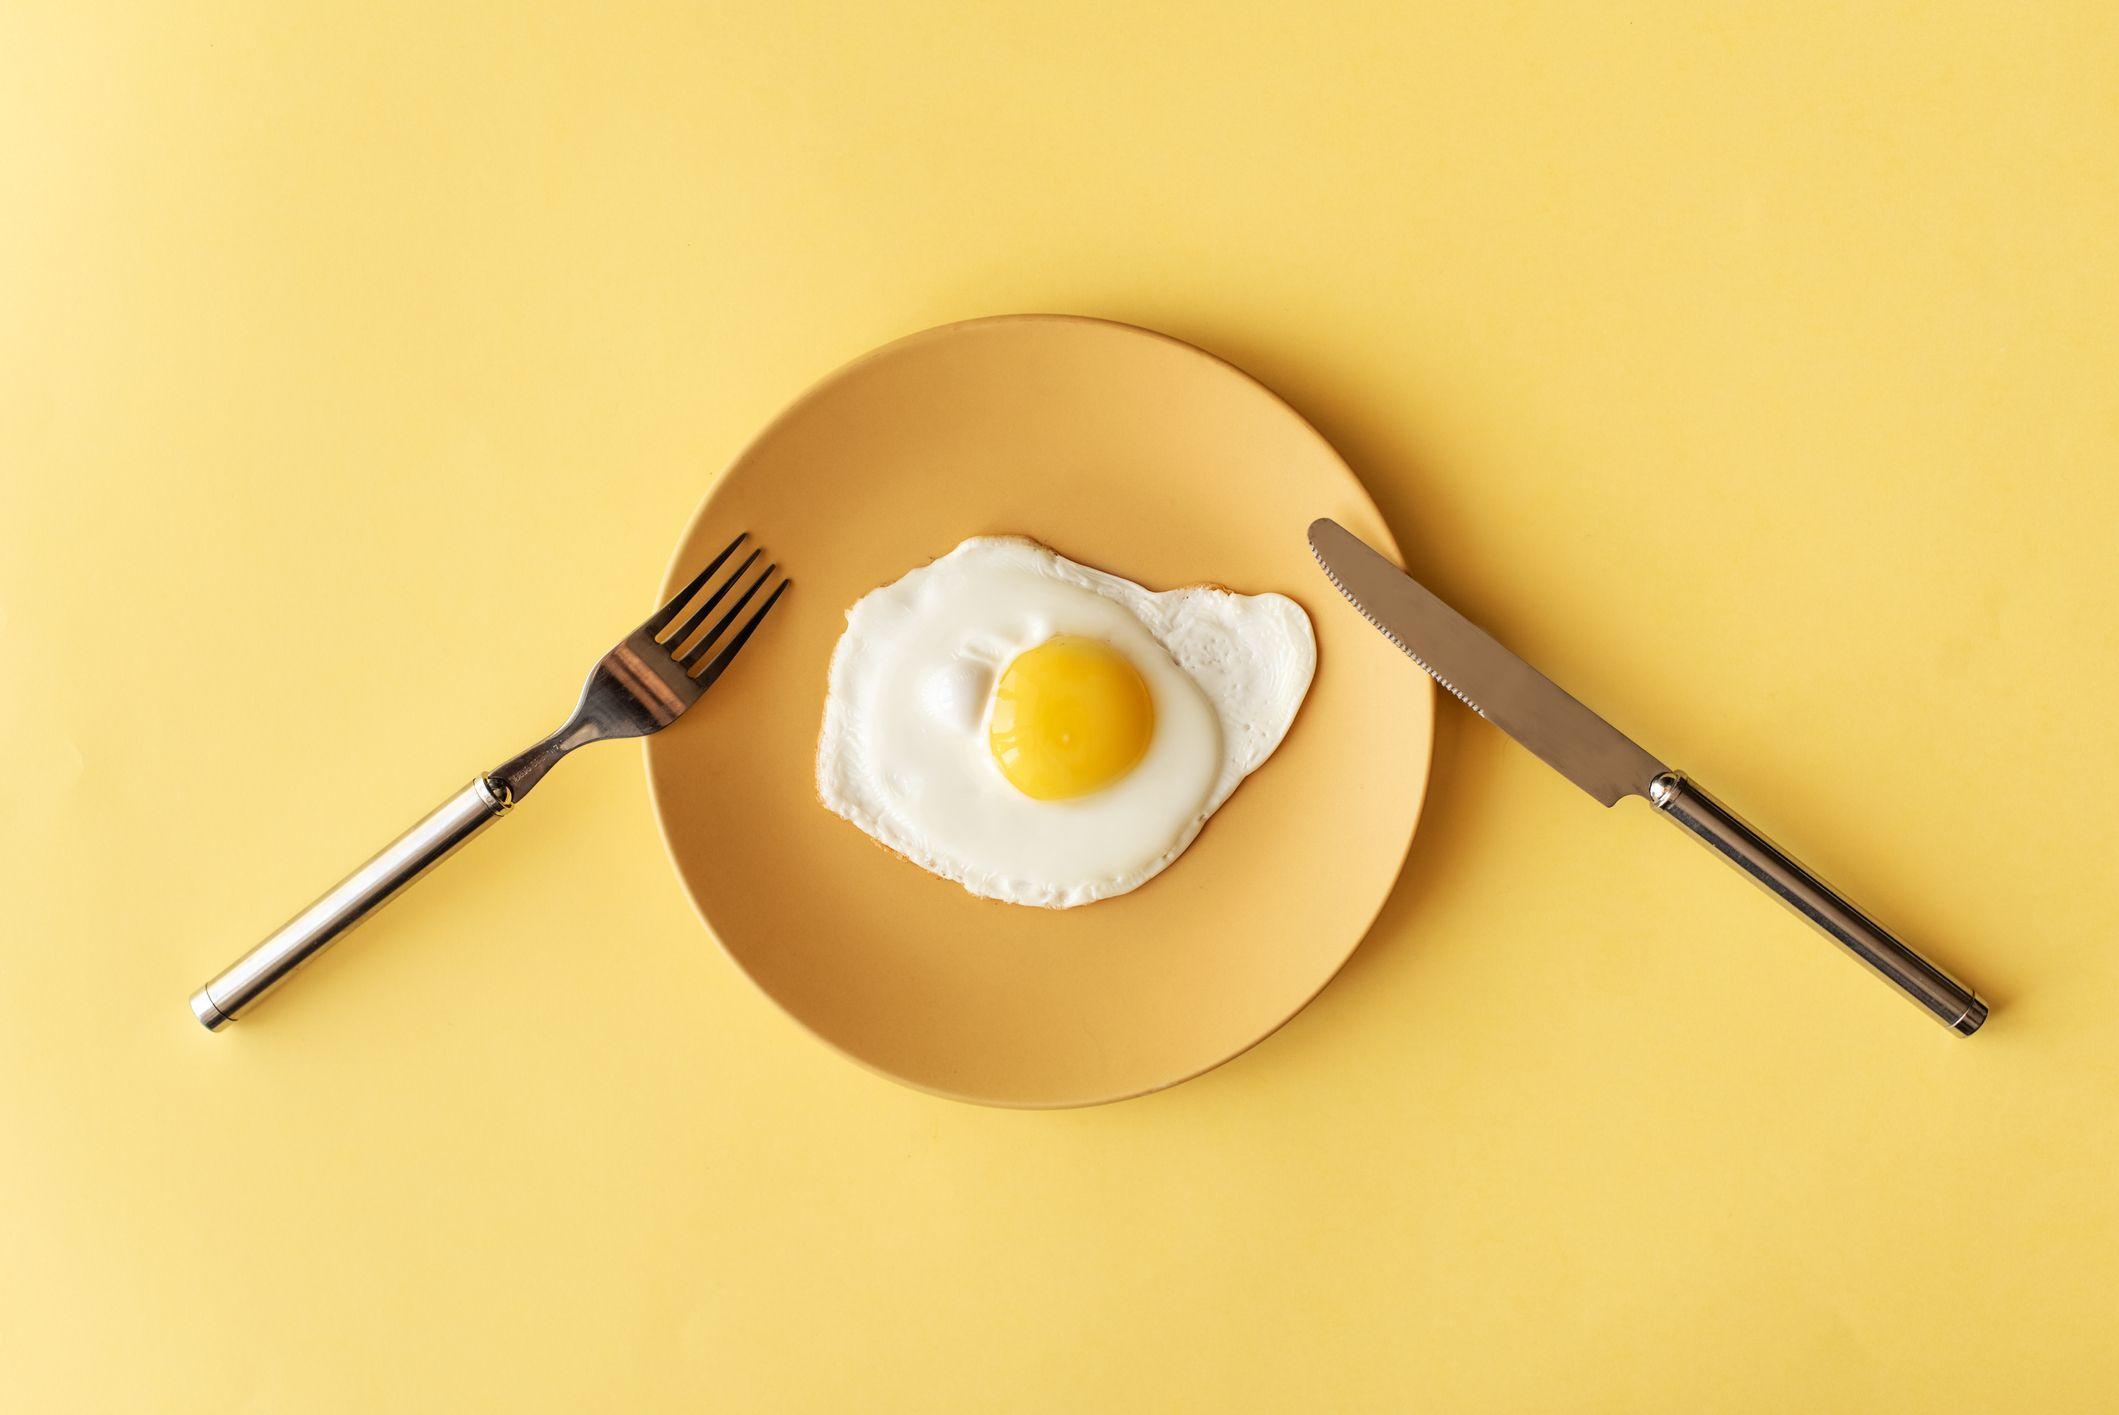 Những thực phẩm nên và không nên dùng trong chế độ ăn kiêng với trứng